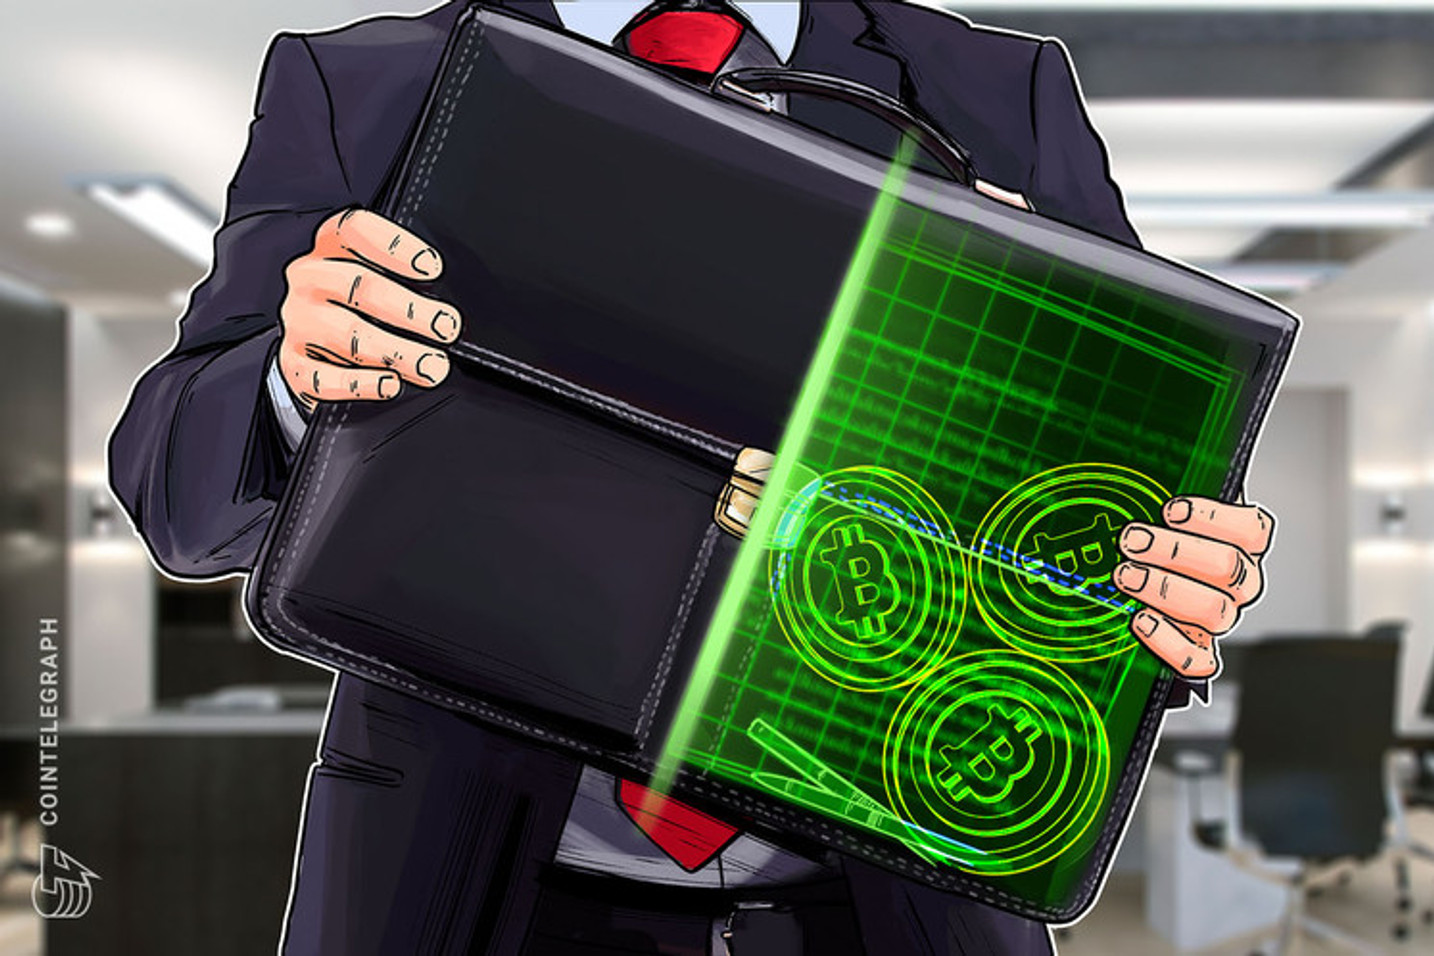 Autoridad de Supervisión del Sistema Financiero Boliviano descubre riesgos en el uso de Bitcoin y otras monedas digitales